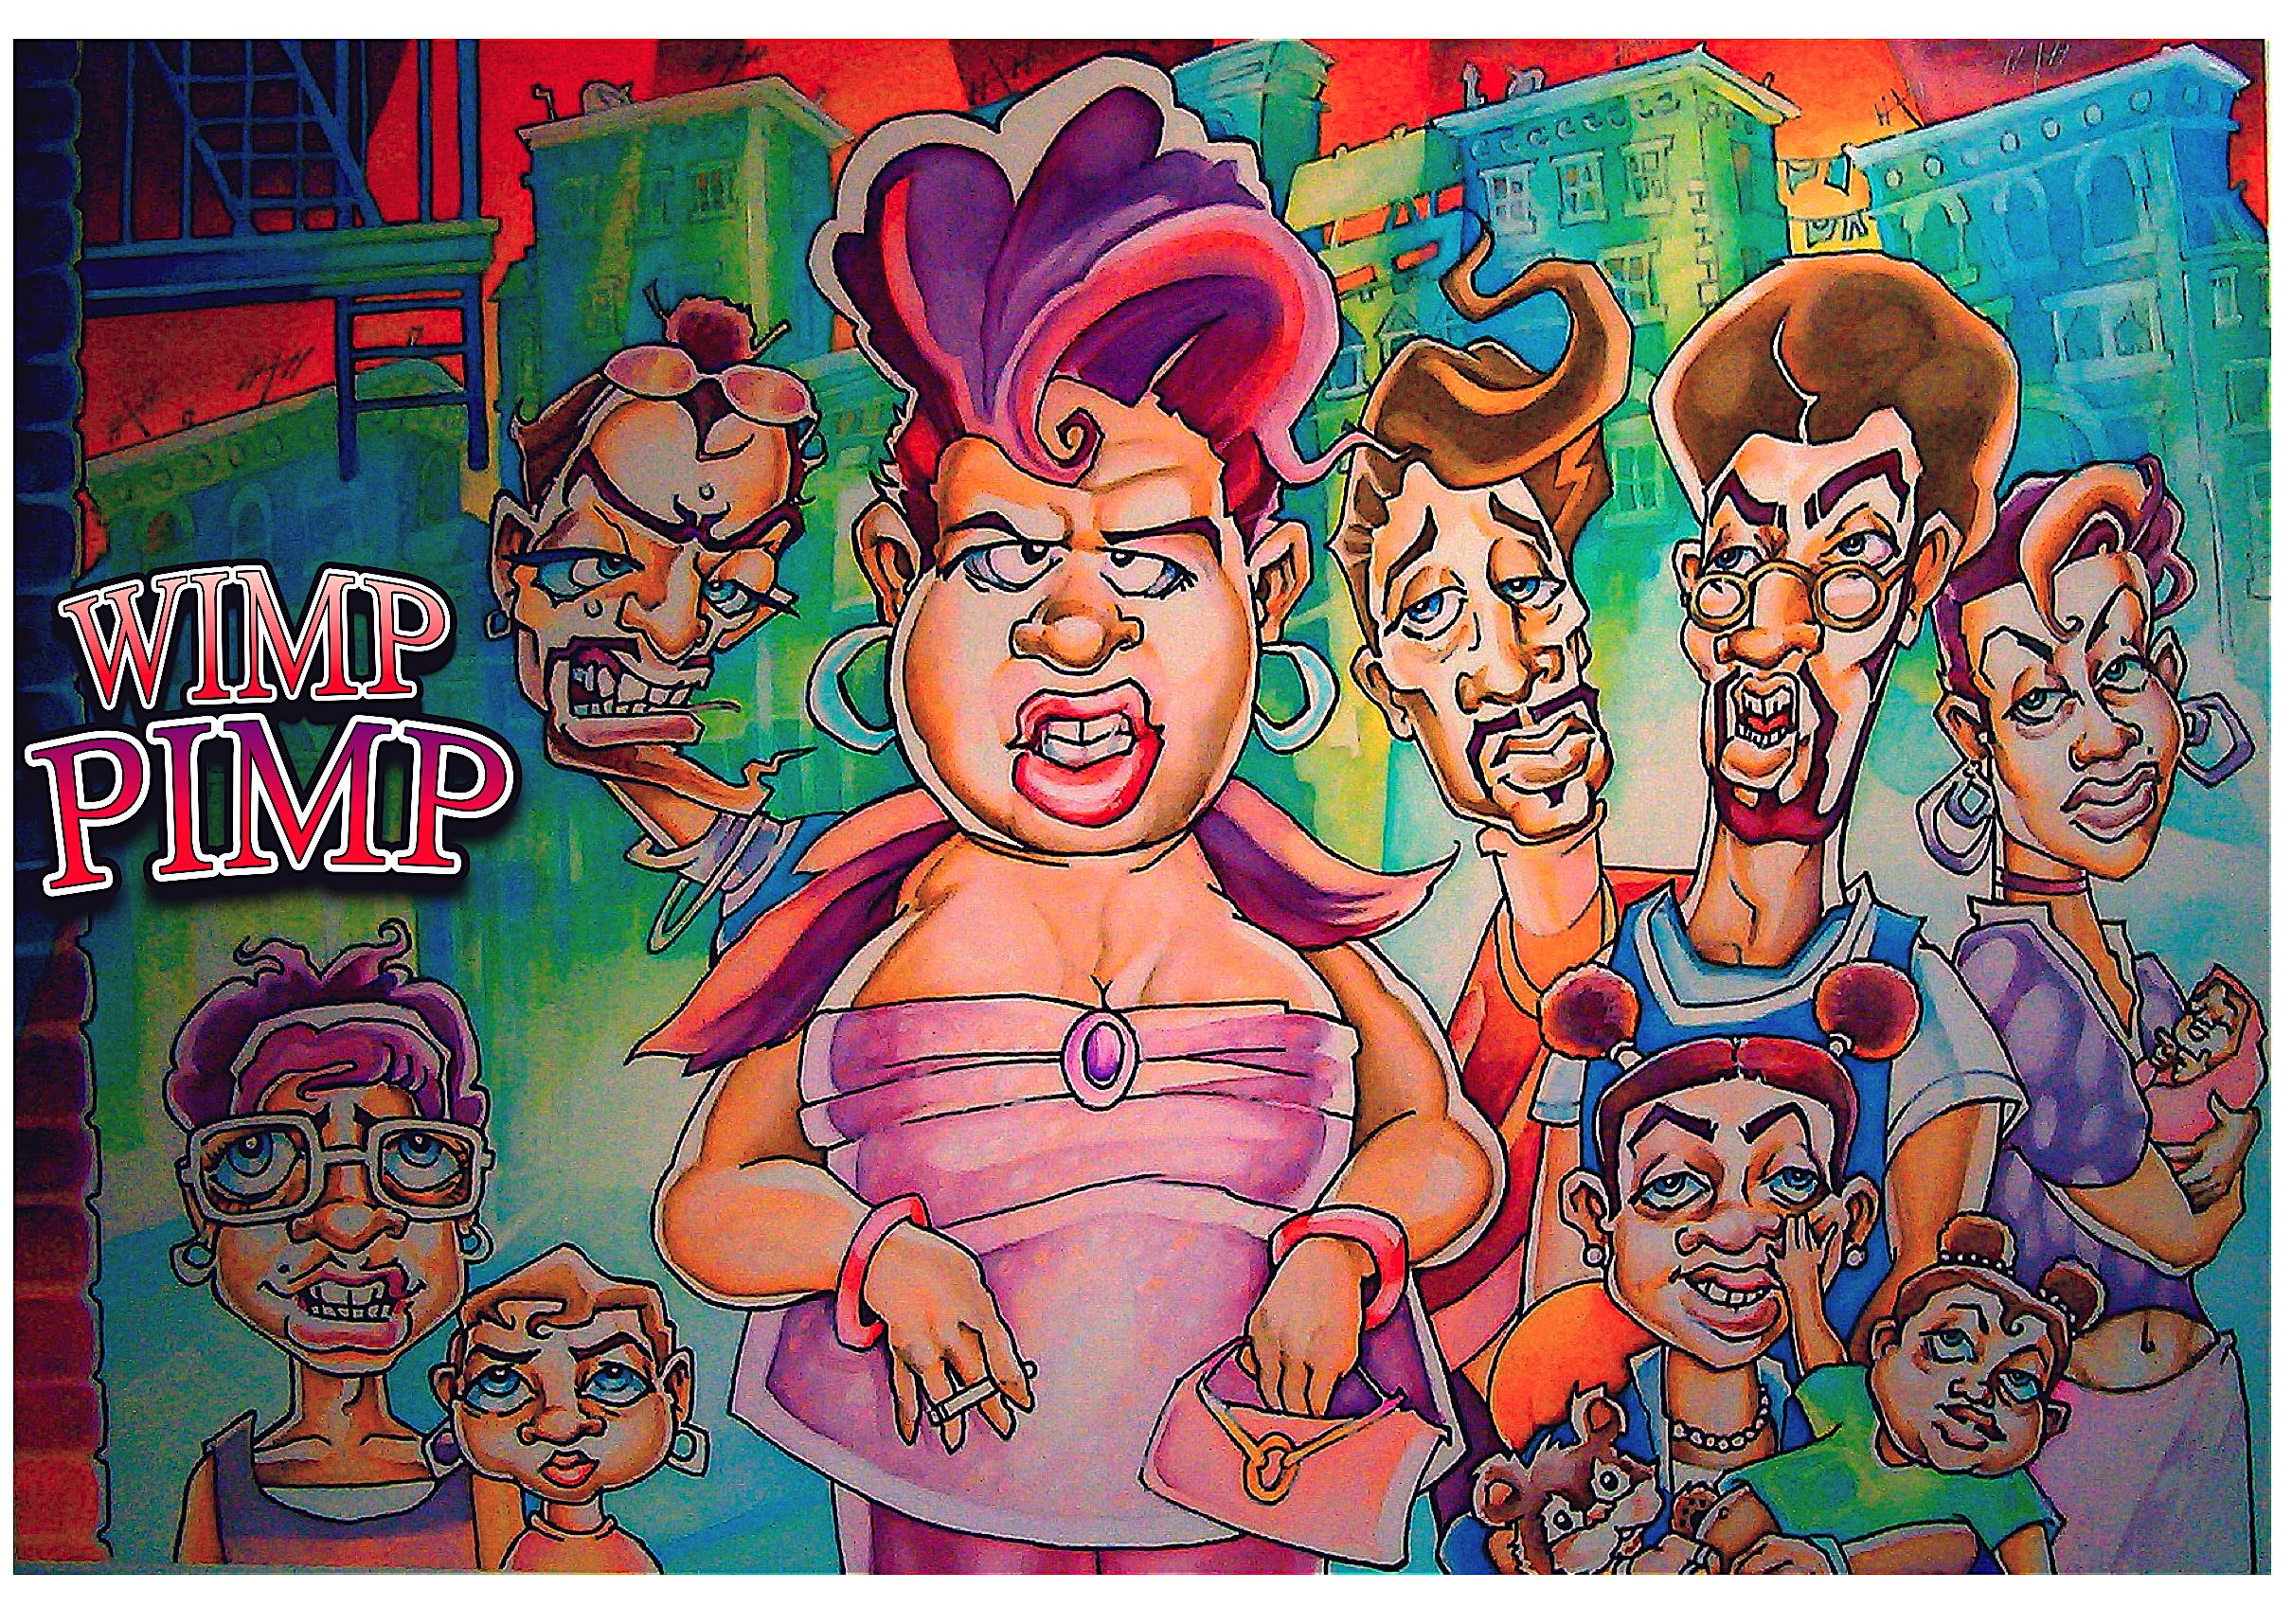 Wimp Pimp by davidmacdowell